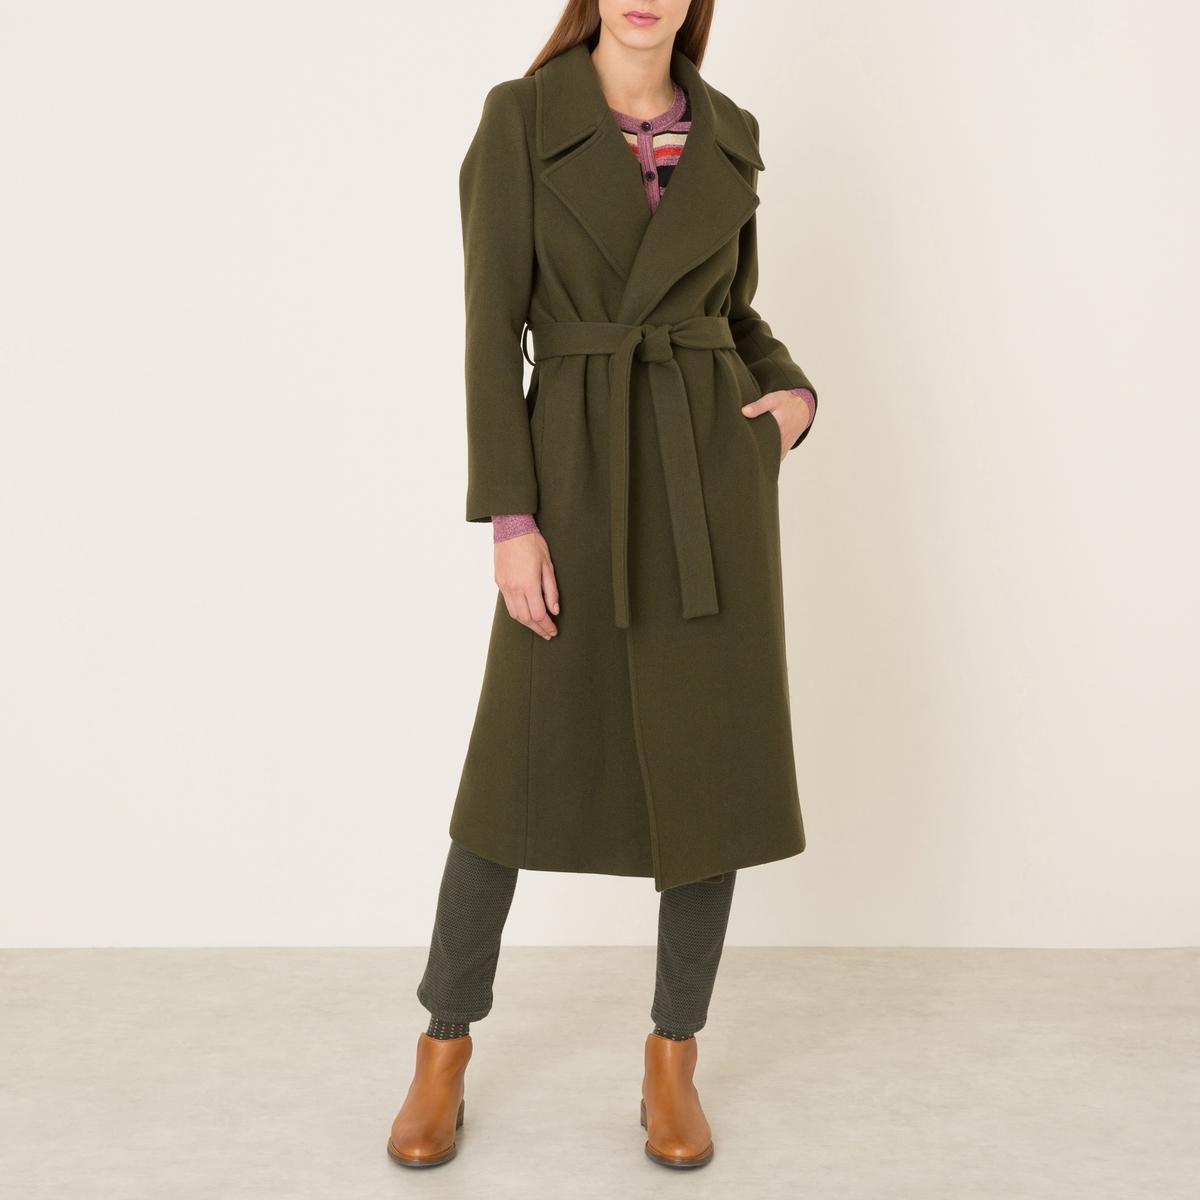 Пальто длинное женское однотонноеПальто LA BRAND BOUTIQUE, однотонное. Длинный покрой. Широкий костюмный зубчатый воротник. Боковые карманы в швах. Пояс со шлевками. Шлица сзади для большего удобства.Состав и описание    Материал : 78% необработанной шерсти, 22% полиамида    Марка : LA BRAND BOUTIQUE<br><br>Цвет: хаки<br>Размер: 34 (FR) - 40 (RUS).38 (FR) - 44 (RUS)